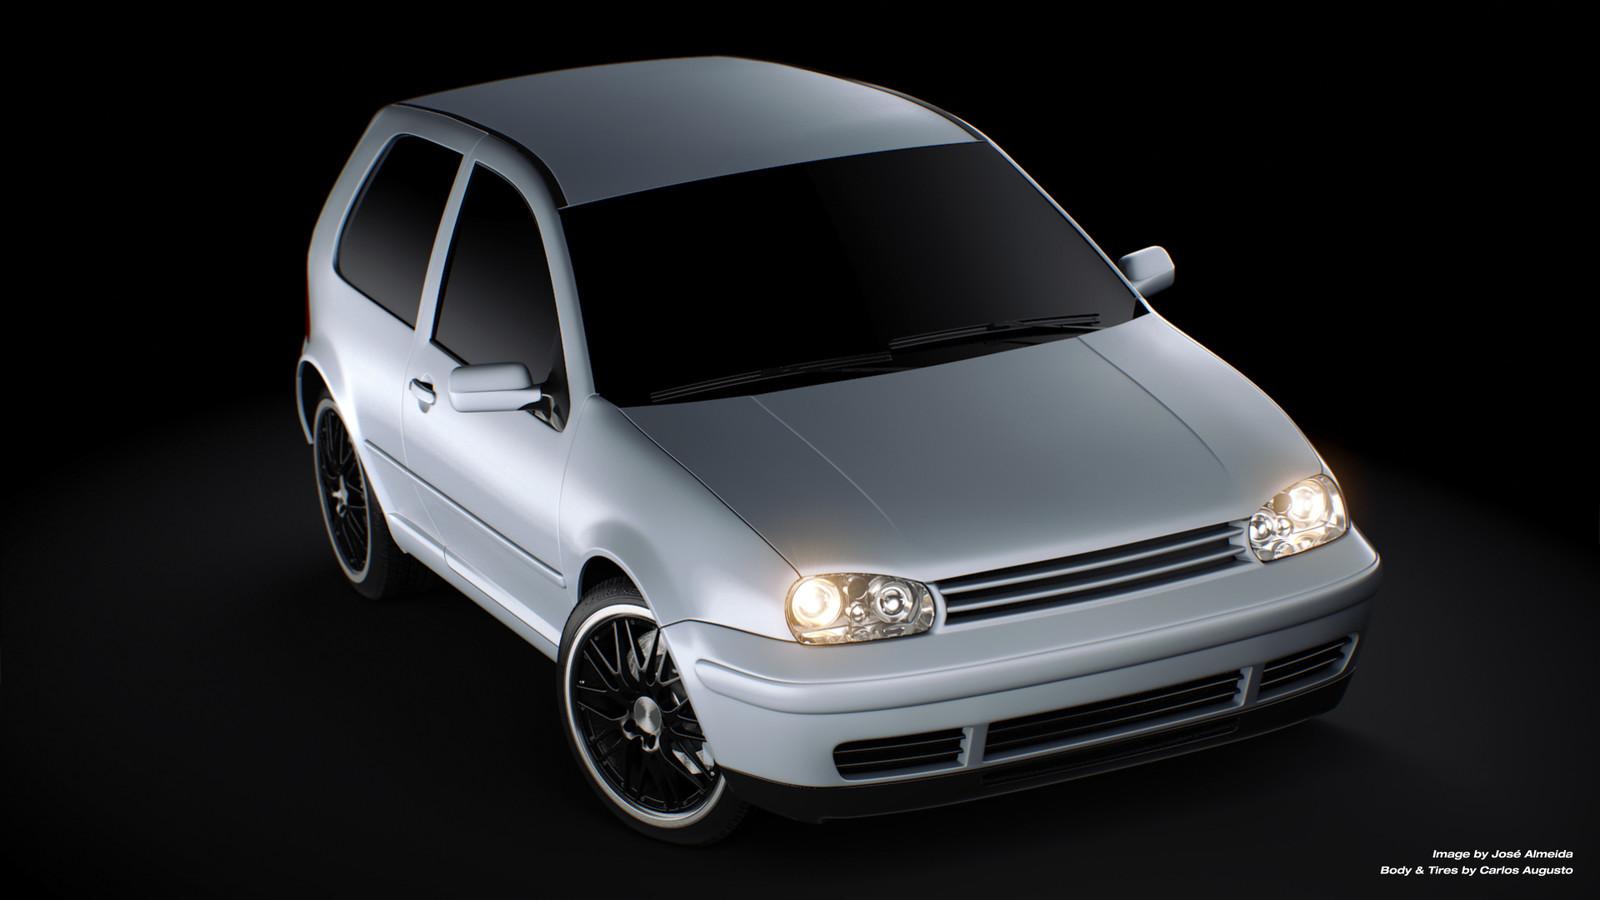 VW Golf silver